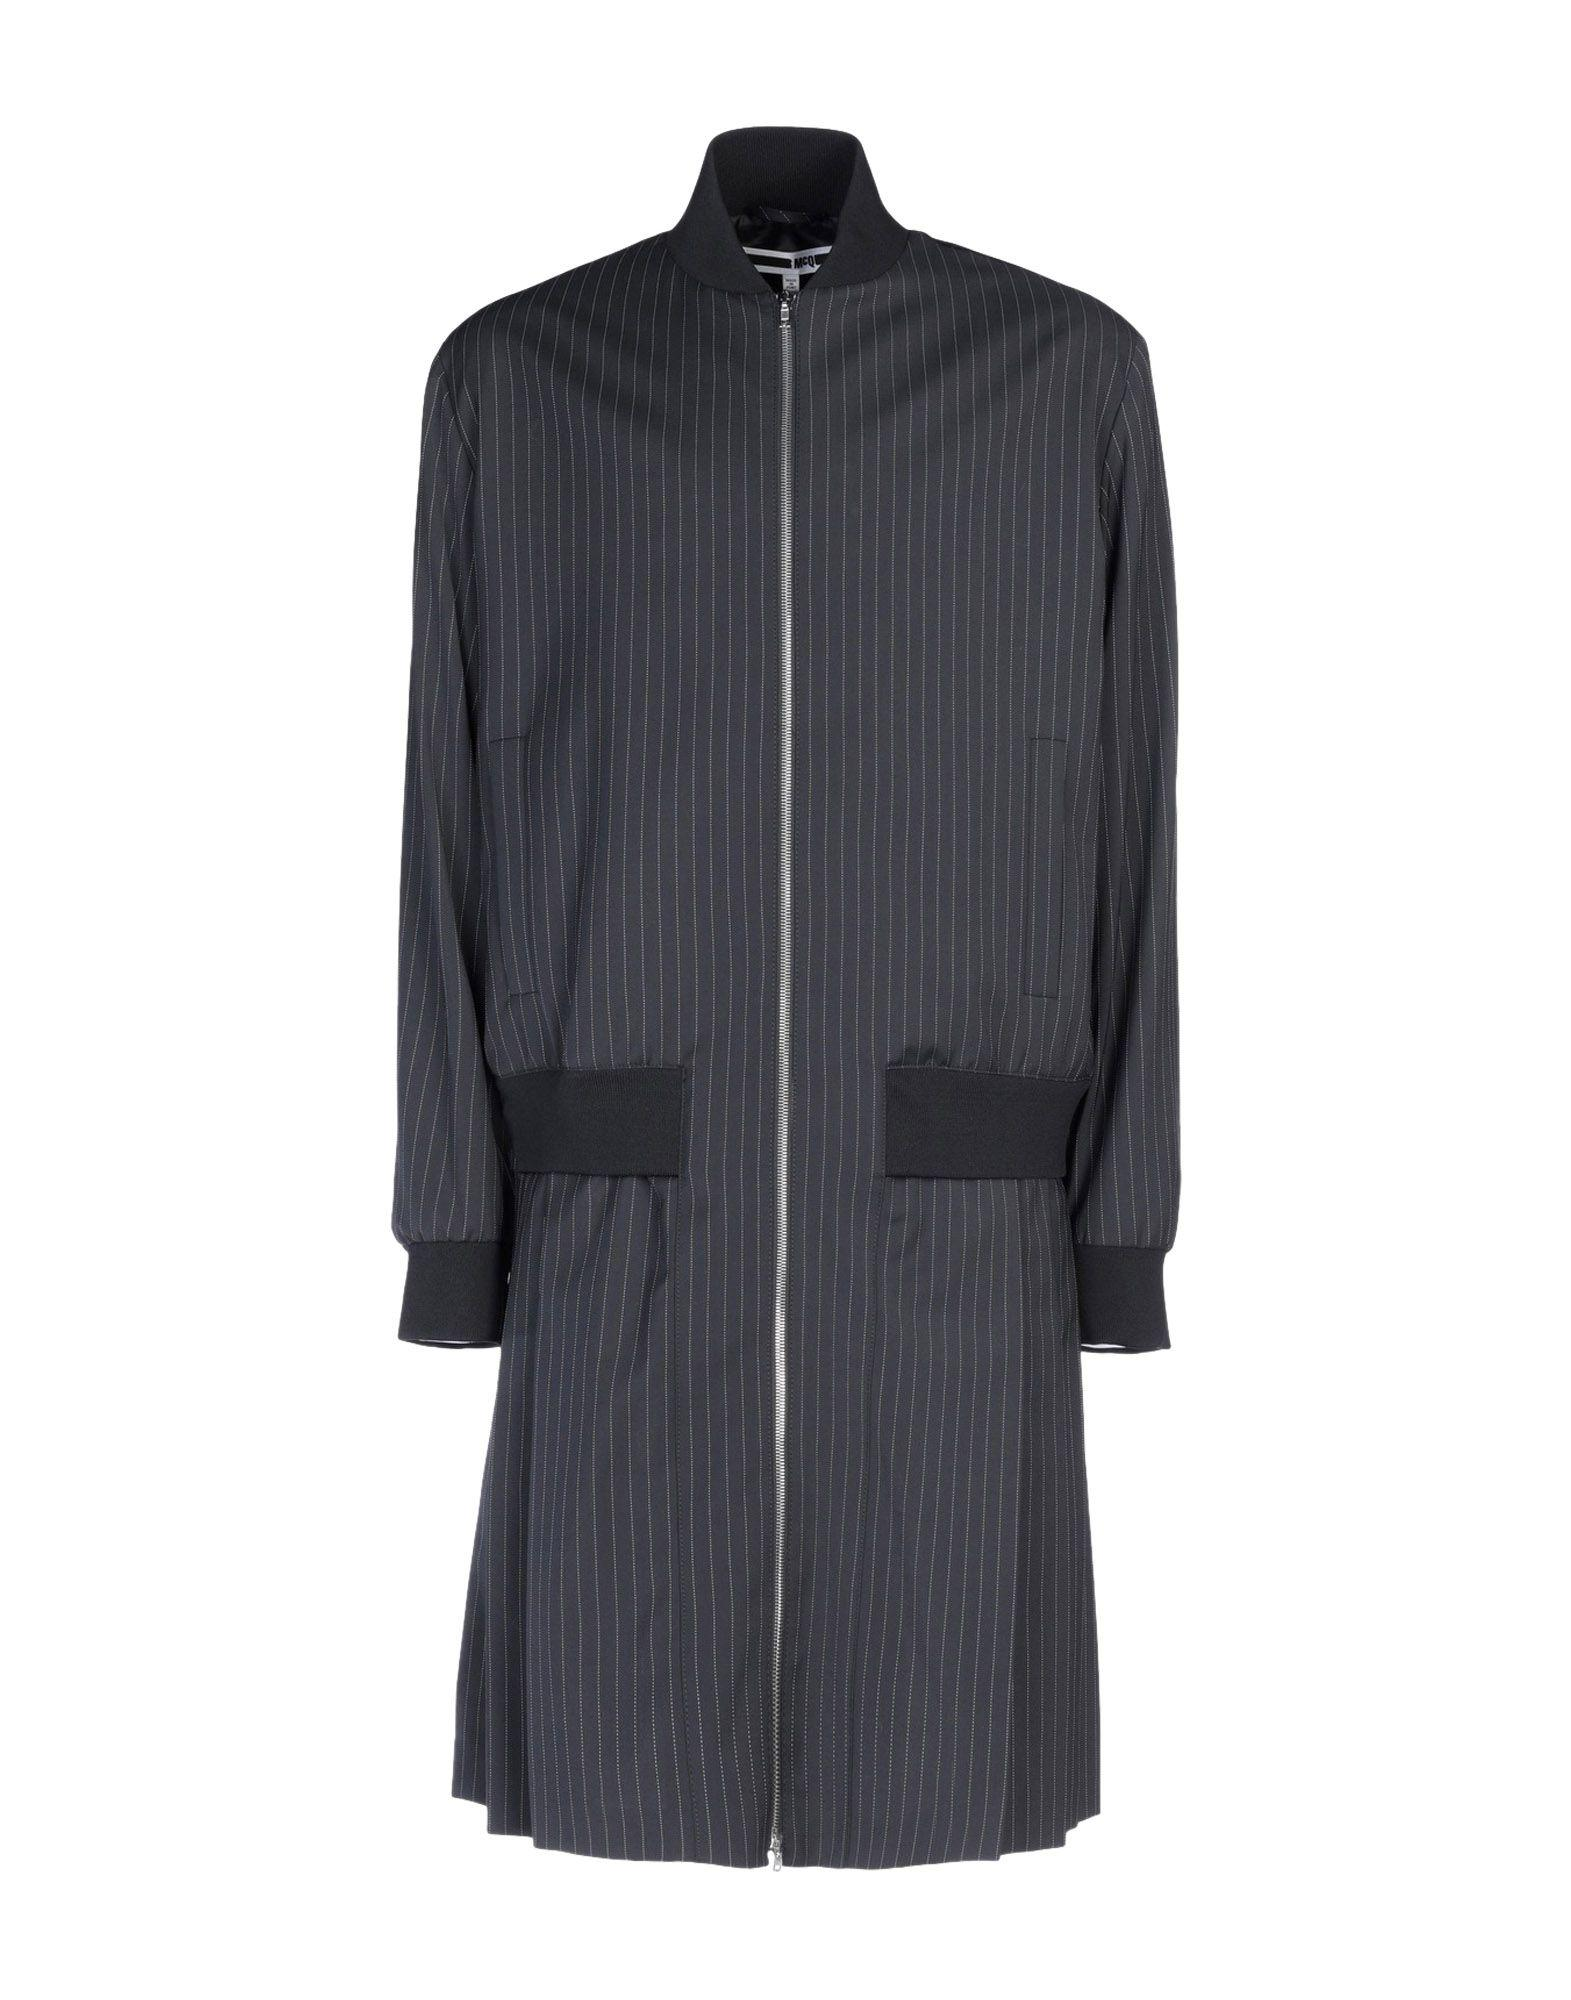 Mcq By Alexander Mcqueen Overcoats In Black